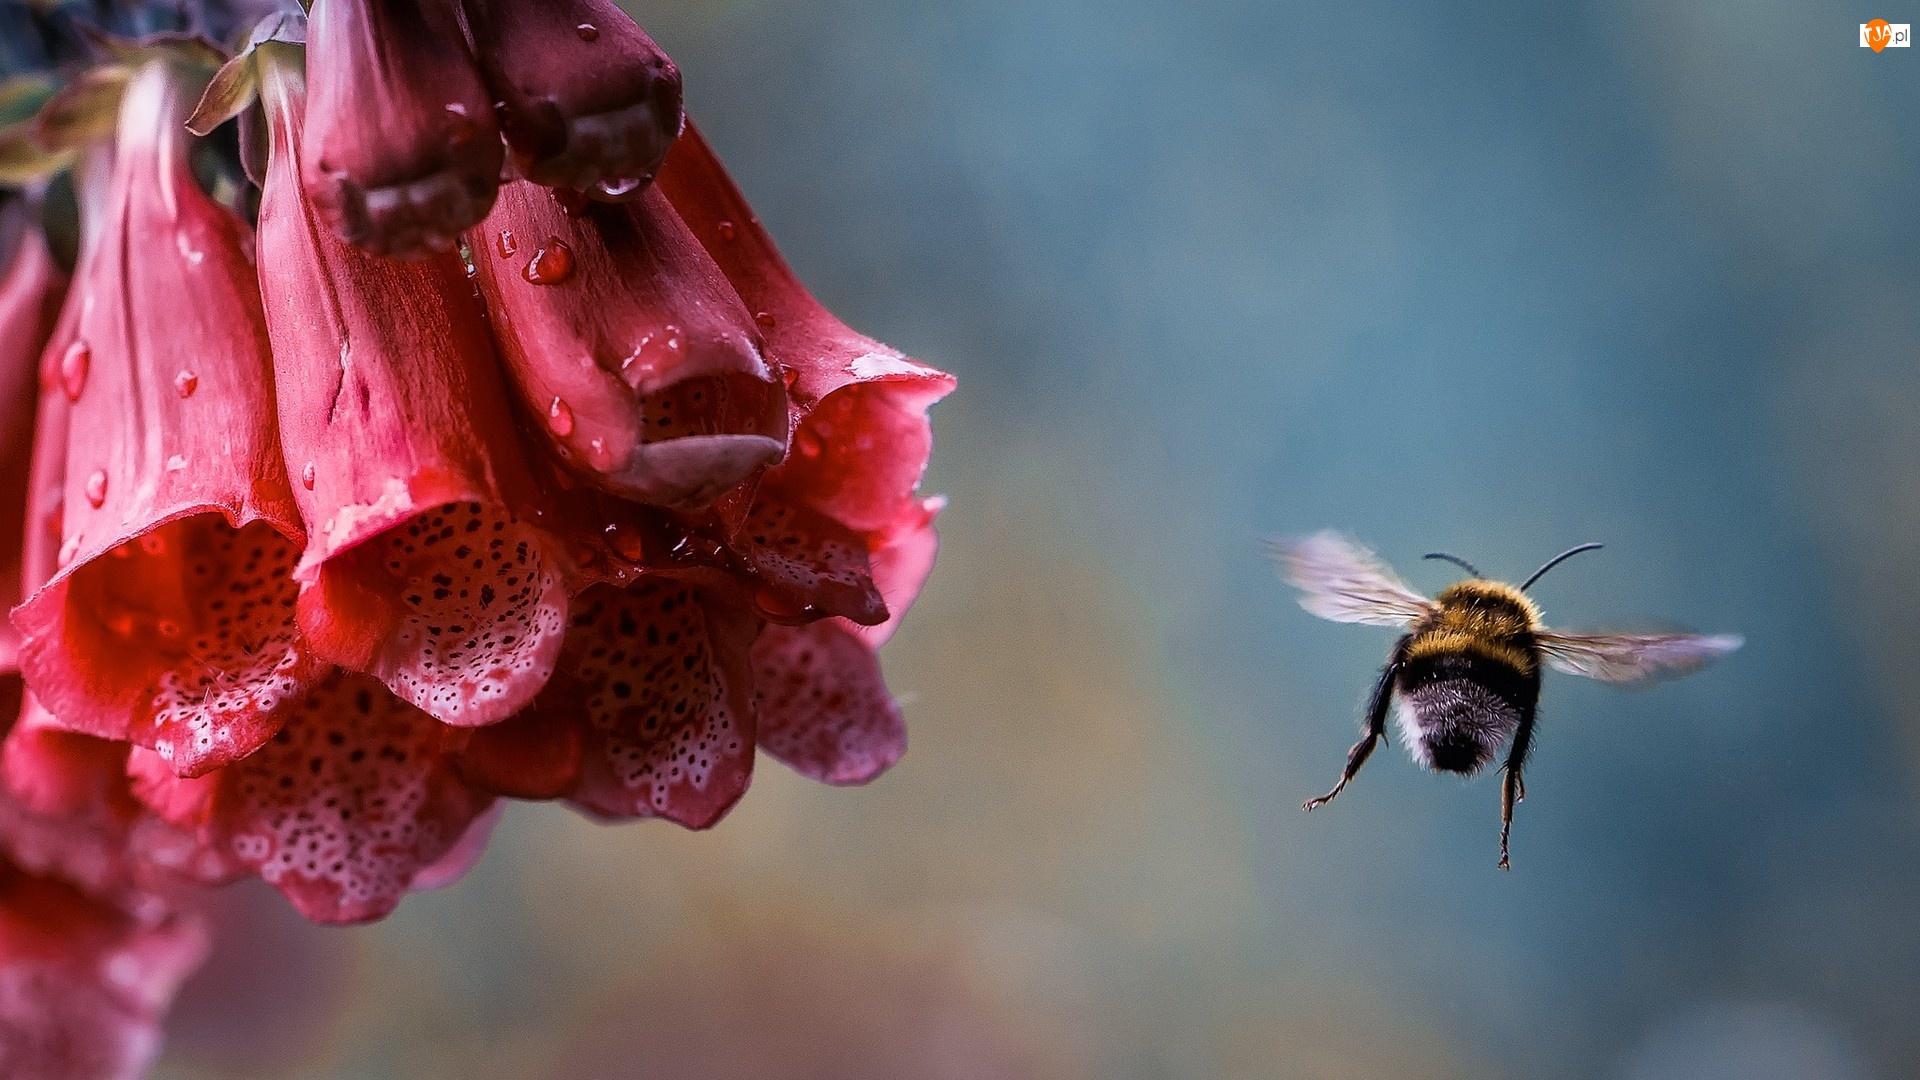 Rosy, Naparstnica, Pszczoła, Purpurowa, Krople